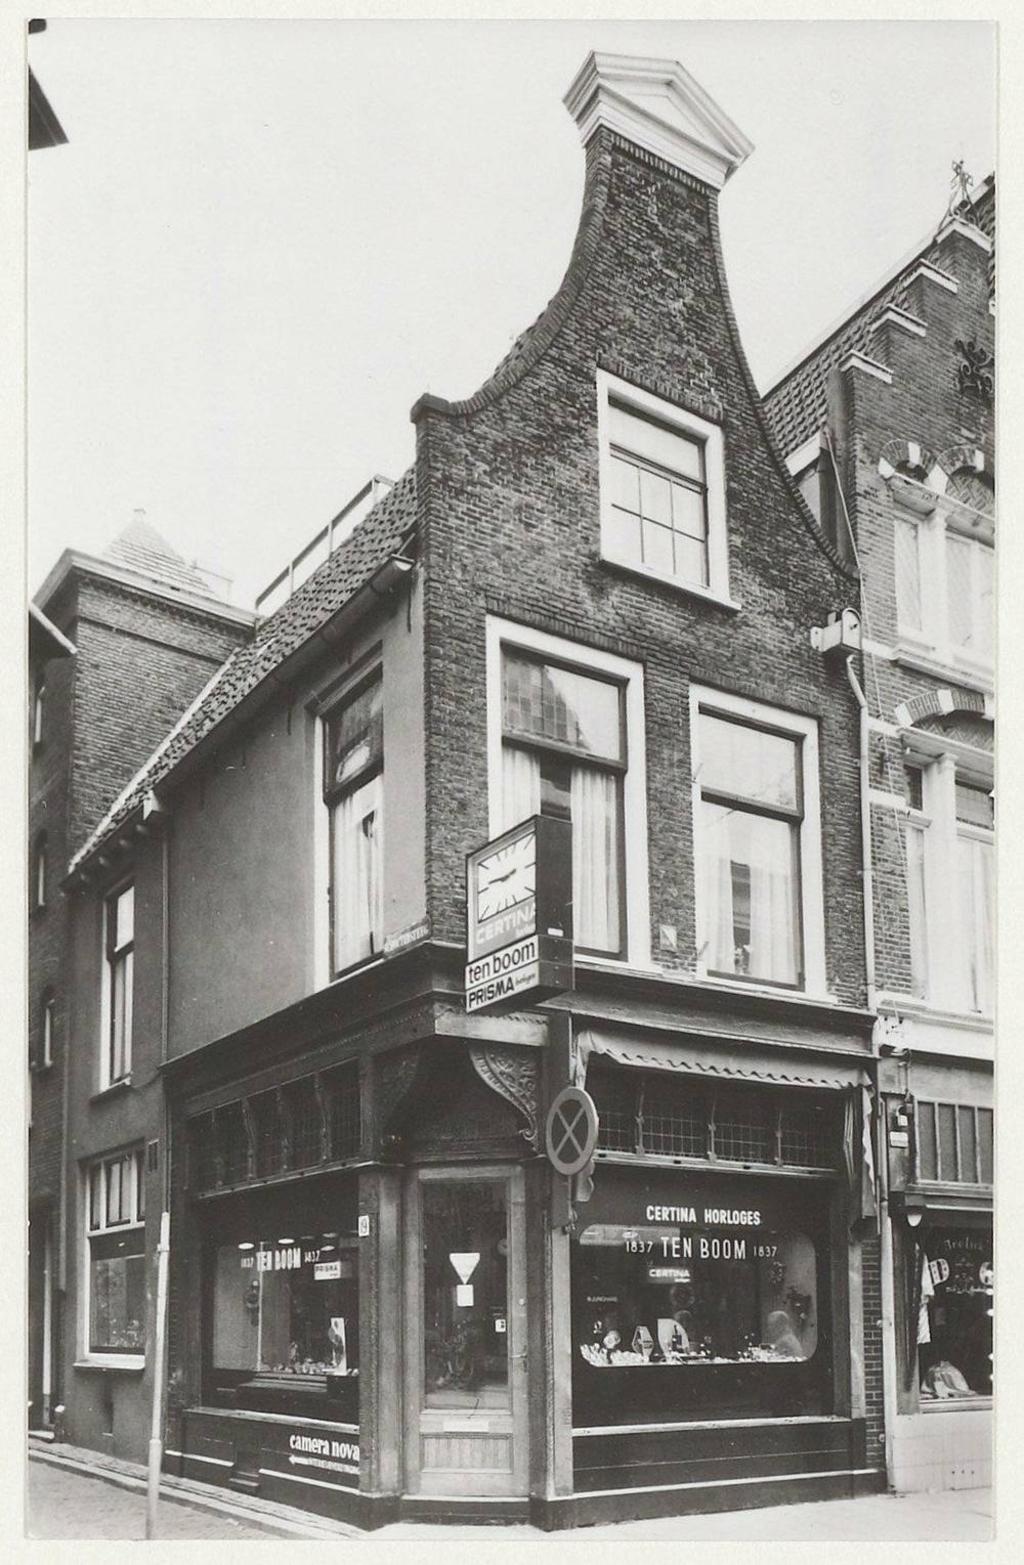 <p>Het huis van de familie Ten Boom aan Barteljorisstraat 19. </p> Noord-Hollands Archief © BDU media